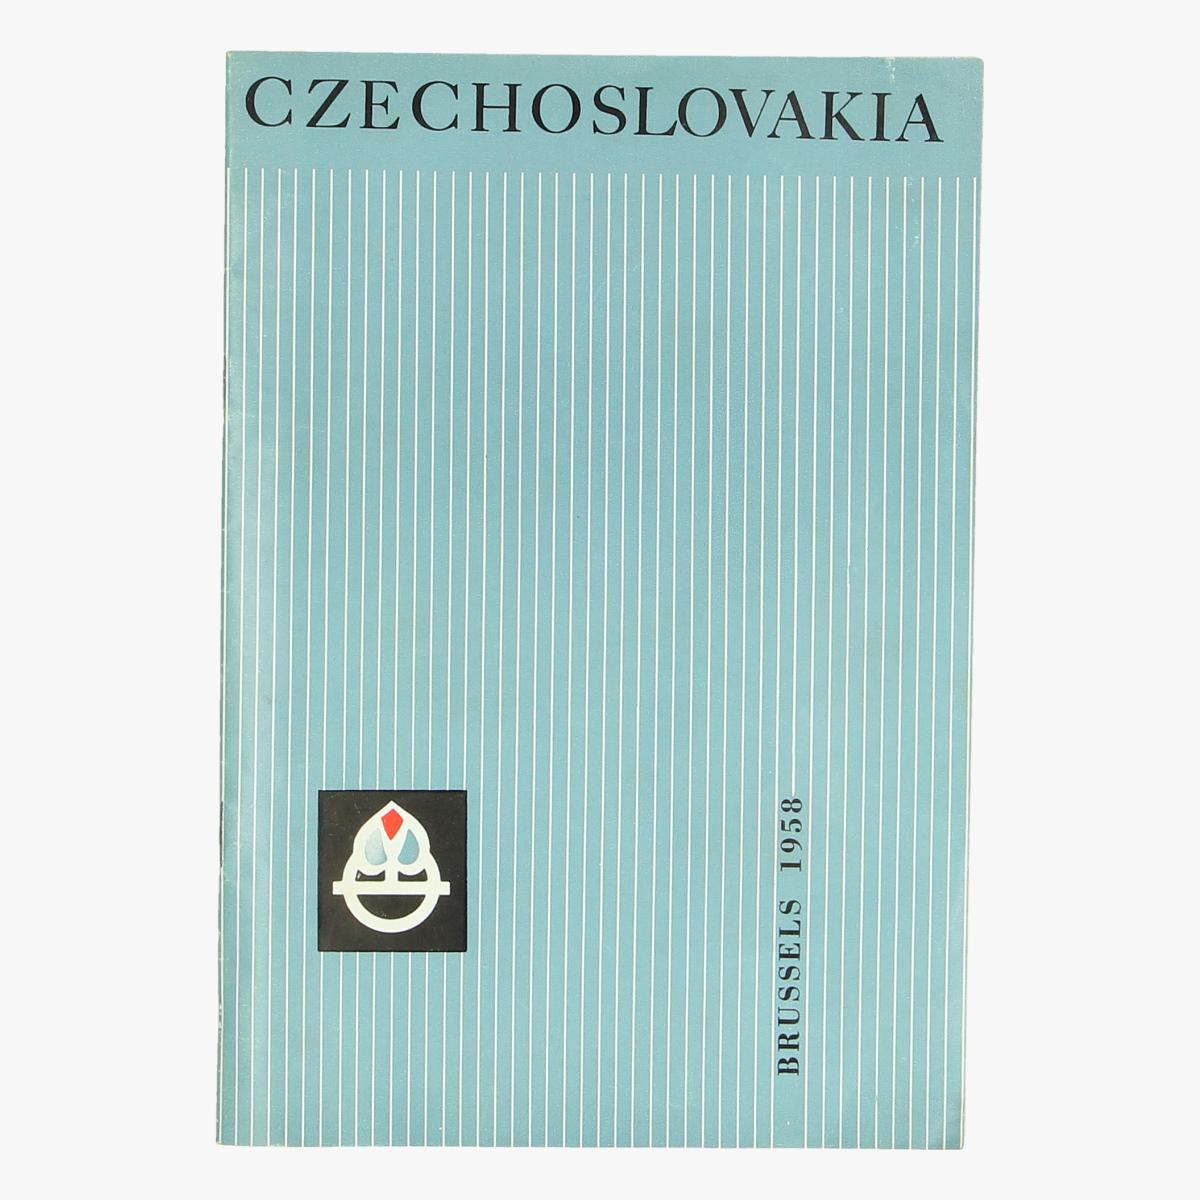 Afbeeldingen van expo 58 czechoslovakia brussels 1958